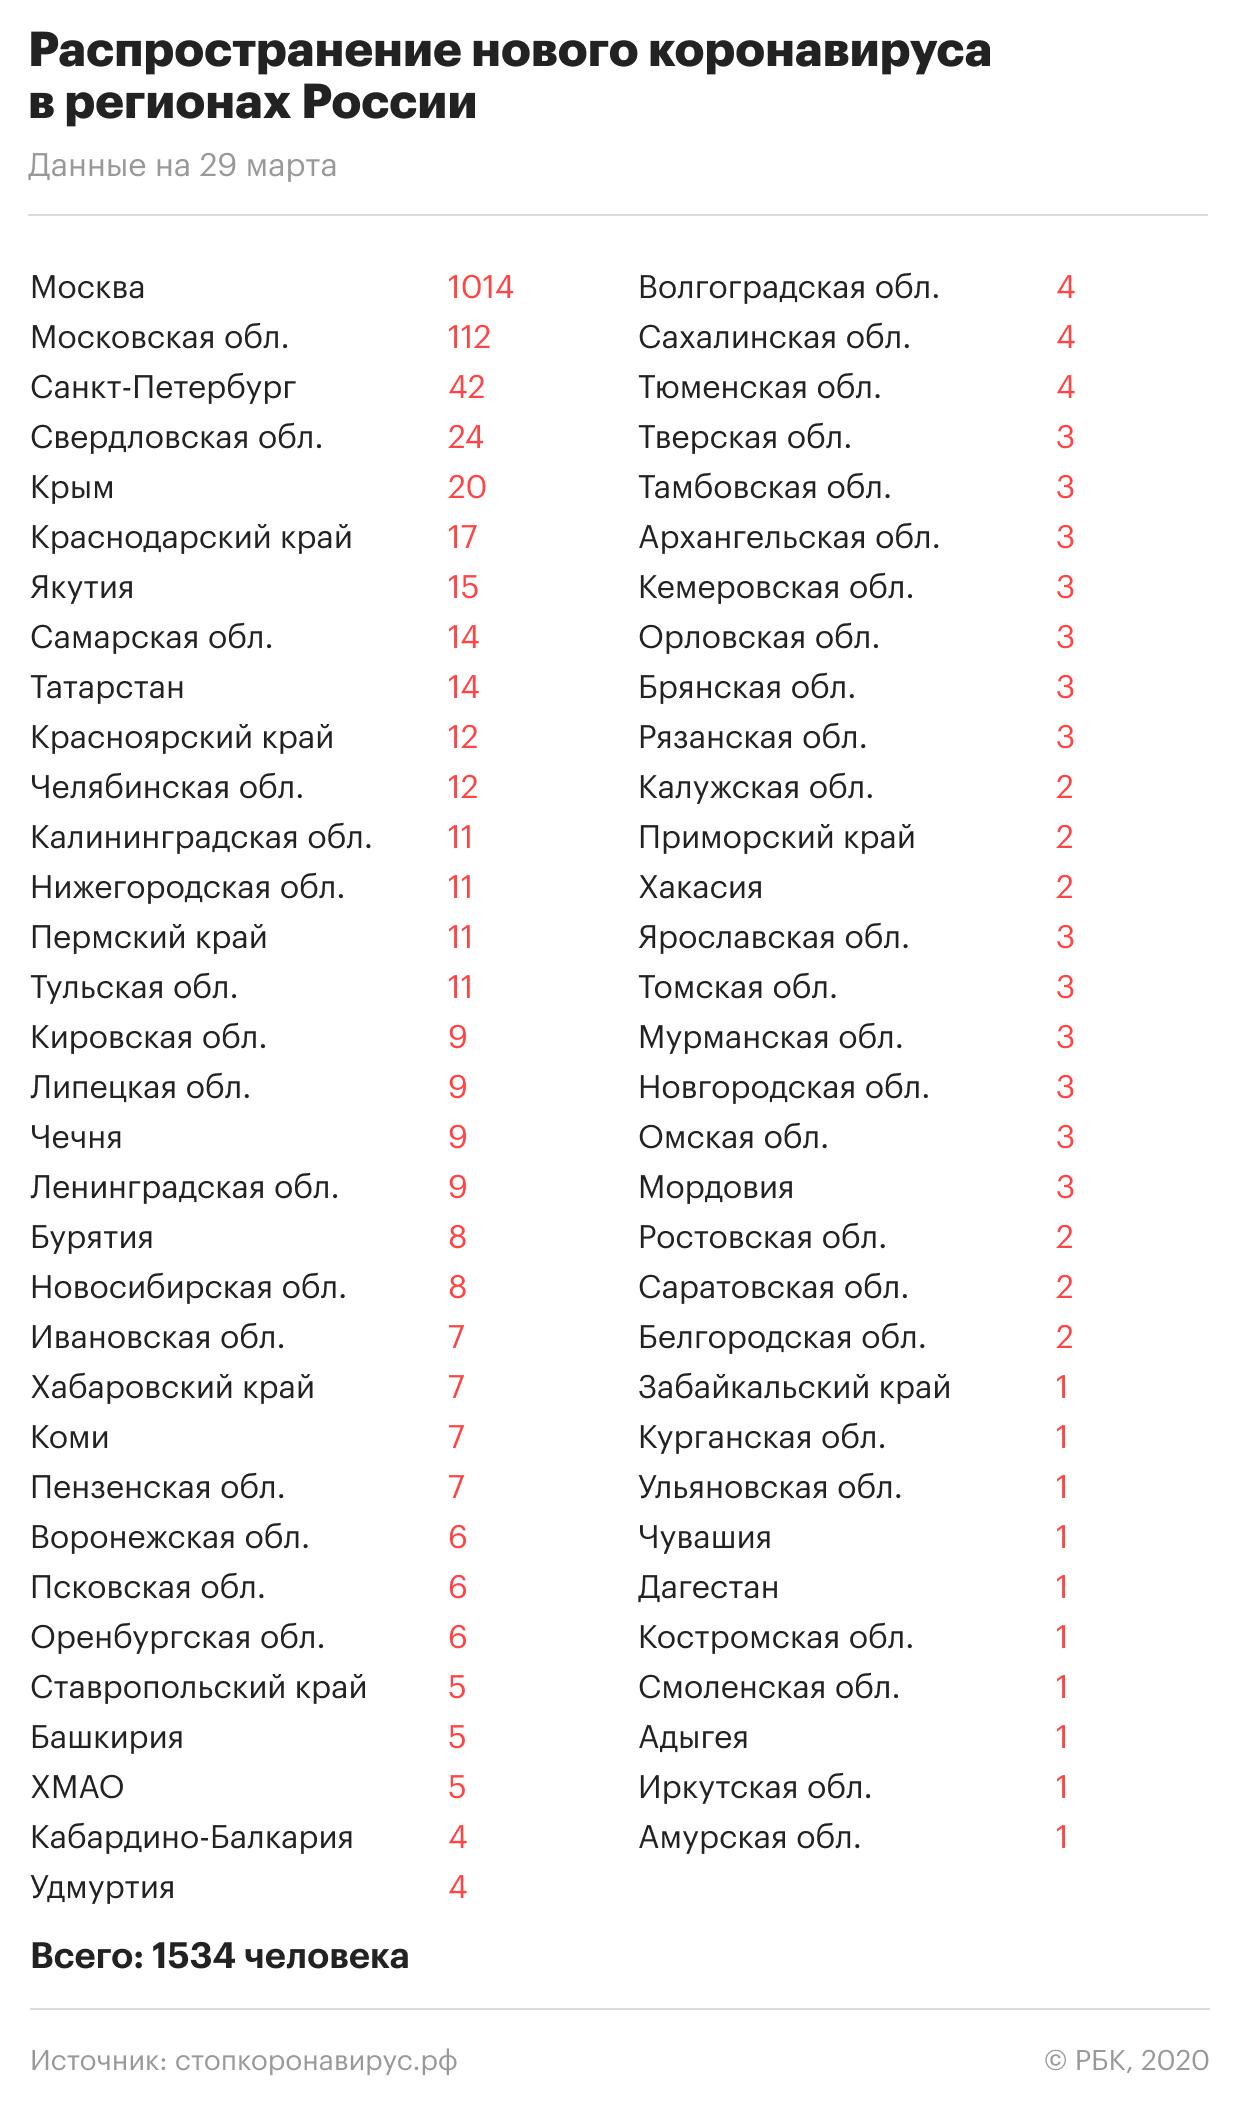 Ограничение передвижения в Москве и Подмосковье. Главное